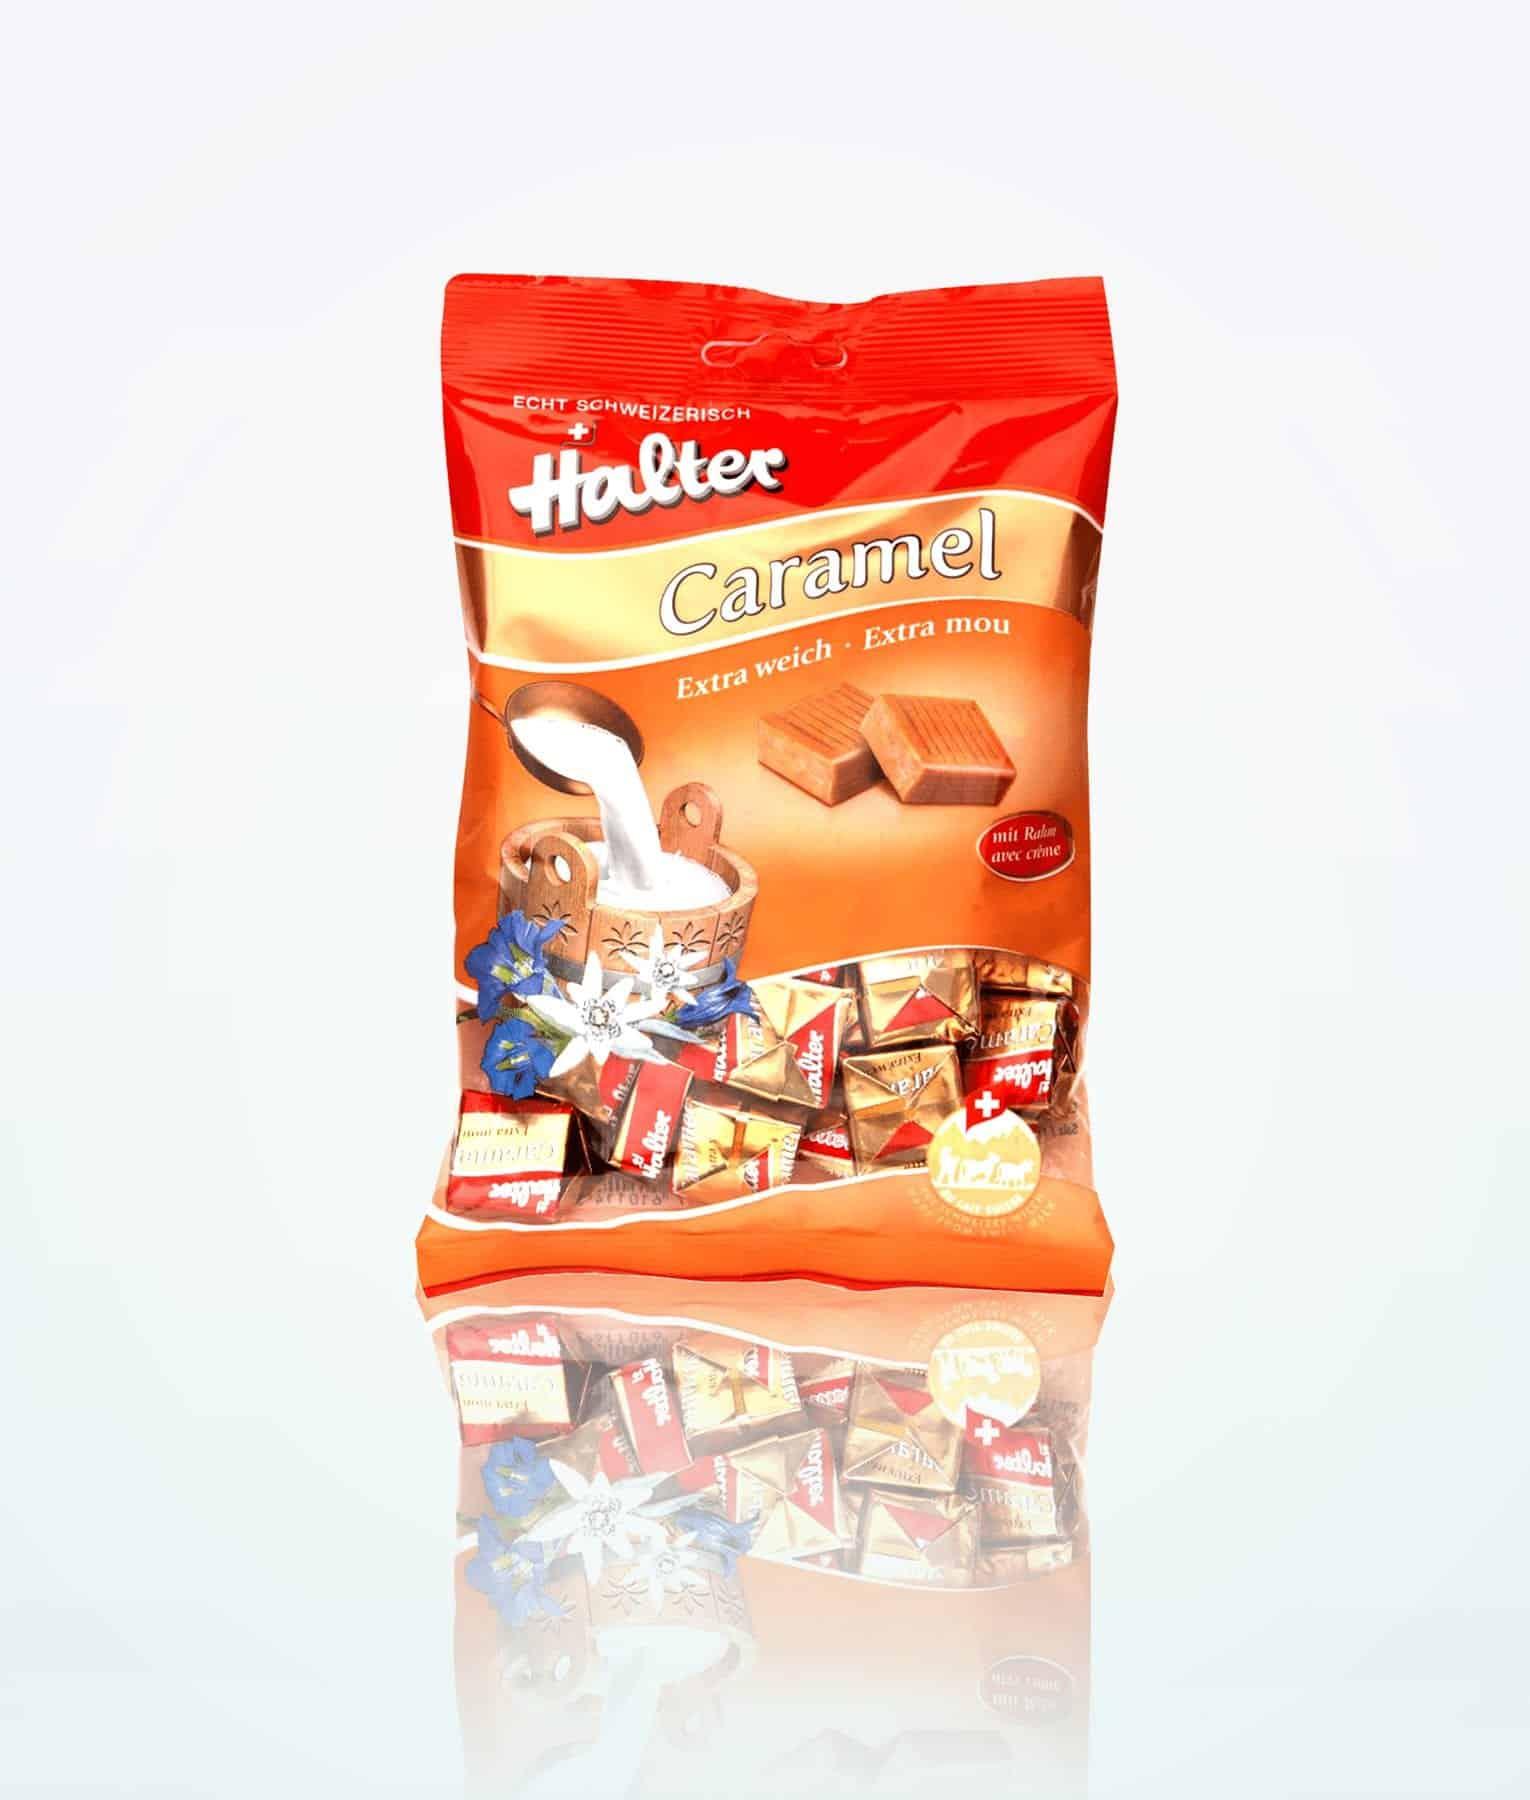 halter-extra-soft-caramel-bonbons-200g